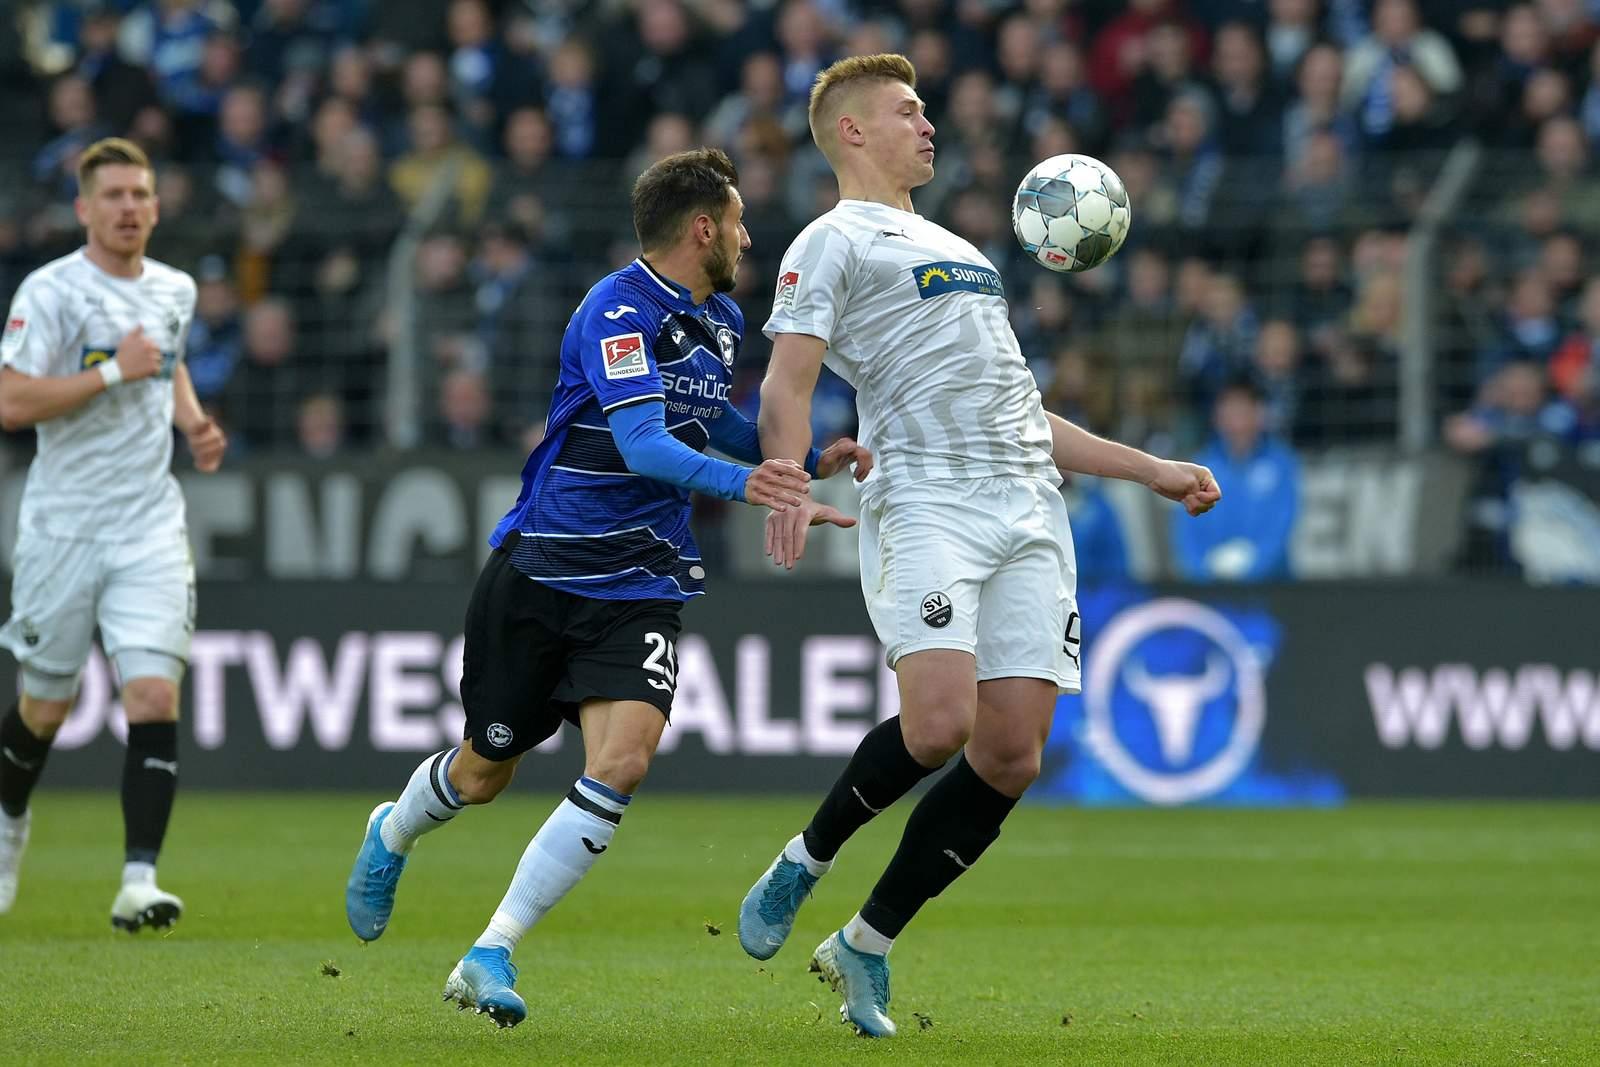 Aleksandr Zhirov (r.) gegen Bielefelds Jonathan Clauss.